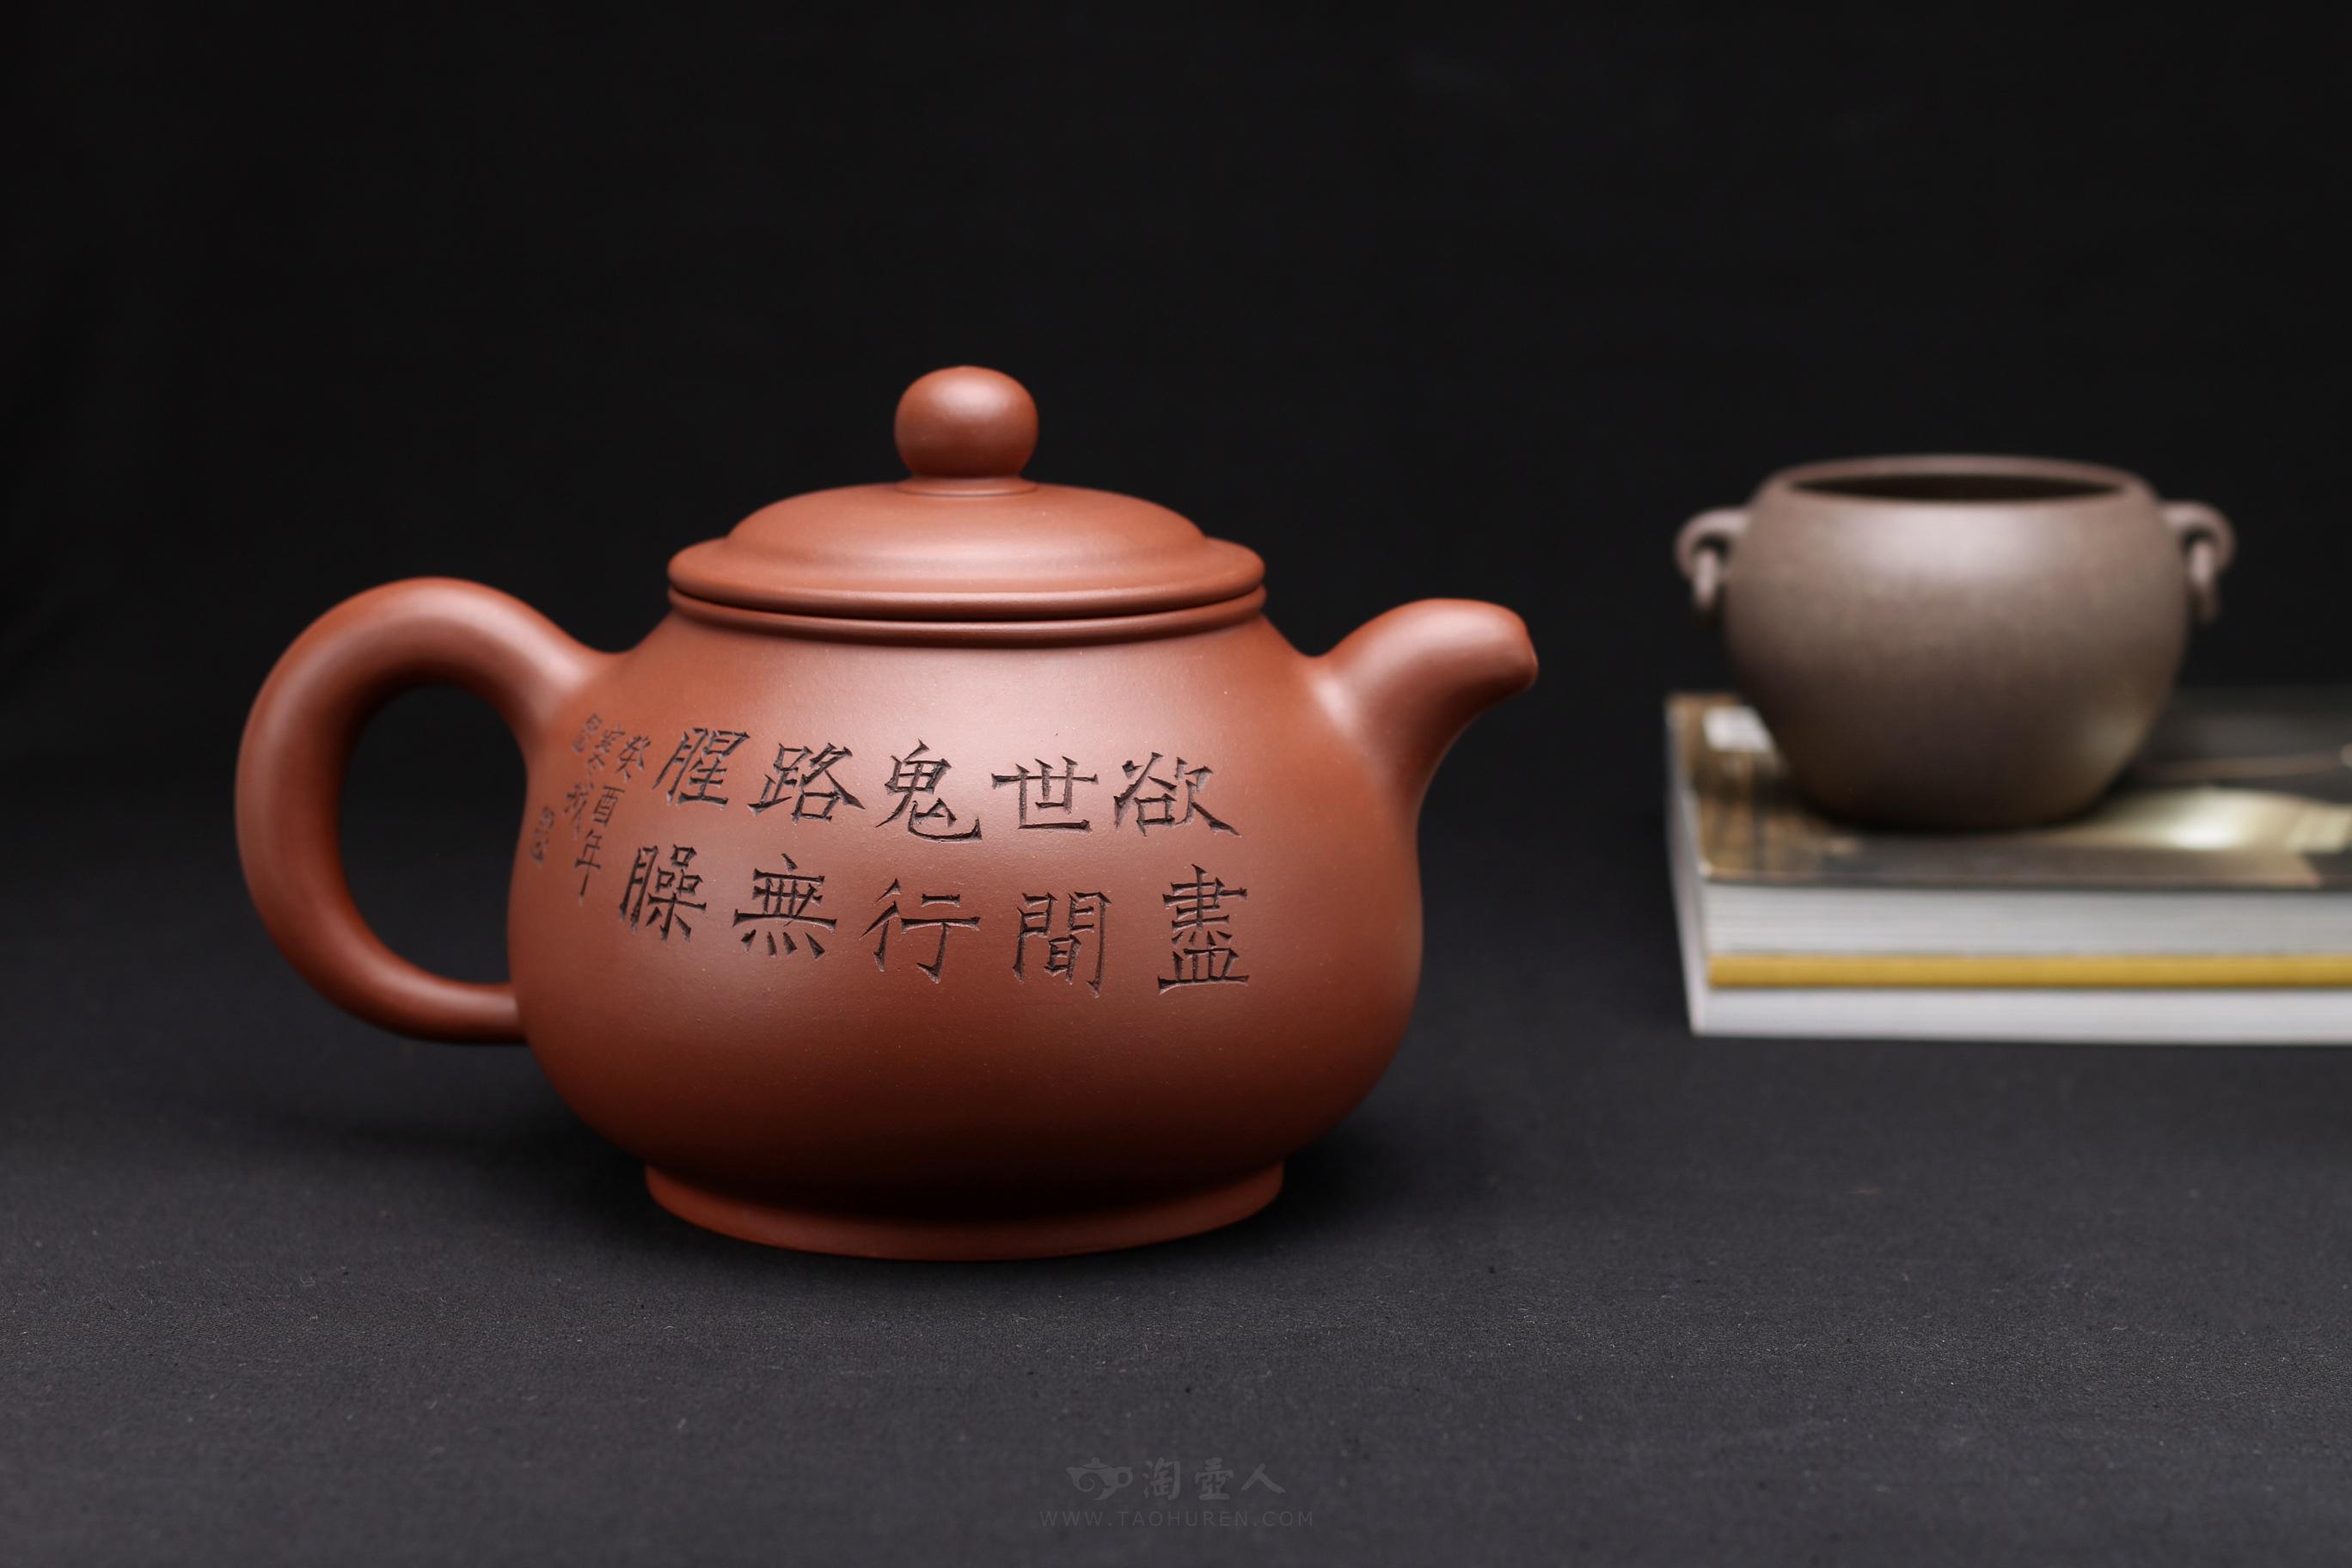 宜兴紫砂壶名家华健紫砂壶-大潘壶